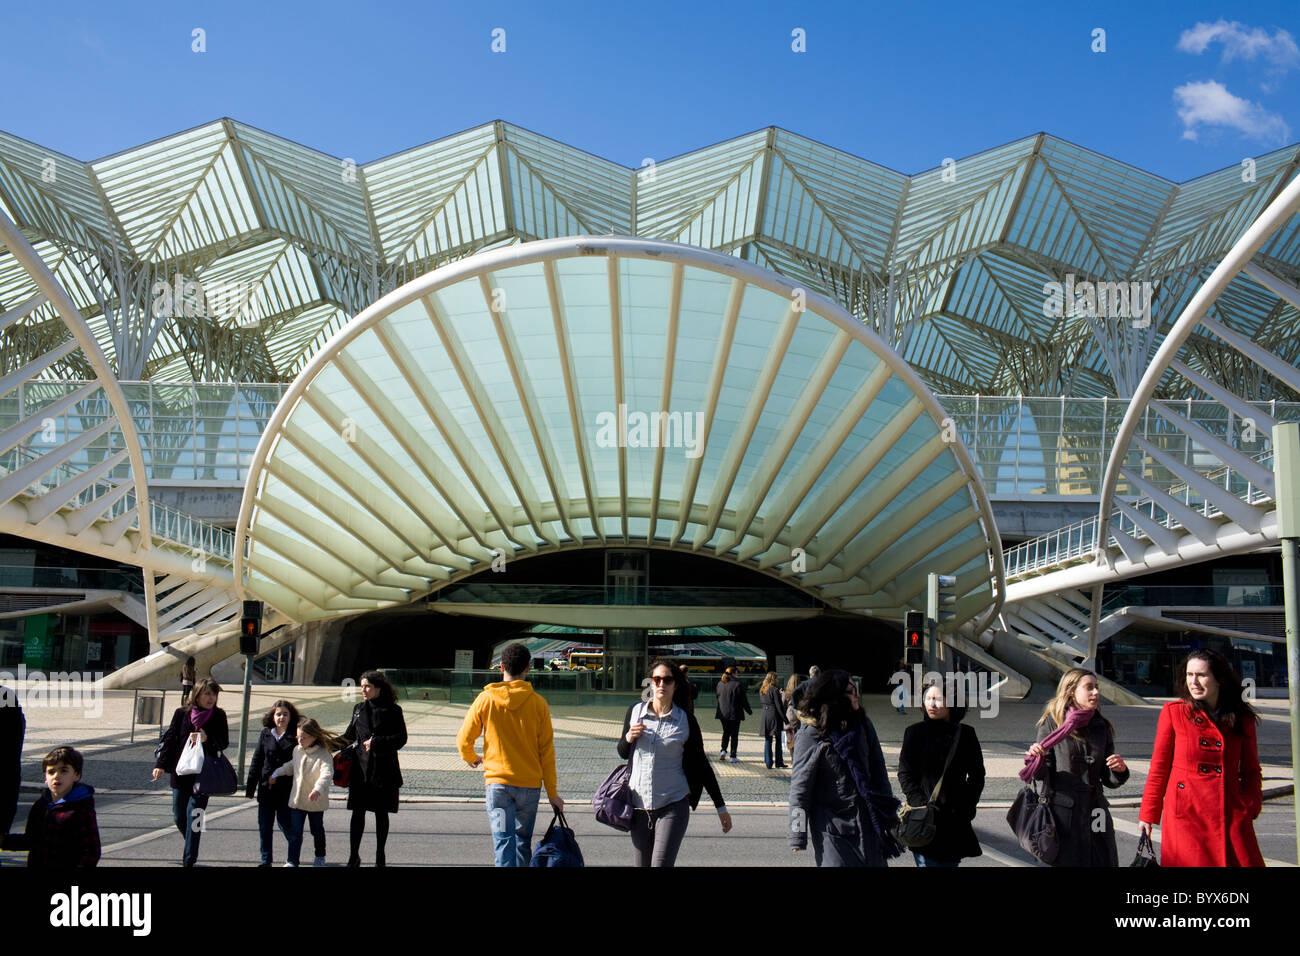 La estación Oriente por el renombrado arquitecto Santiago Calatrava, el Parque das Nações, Lisboa, Imagen De Stock